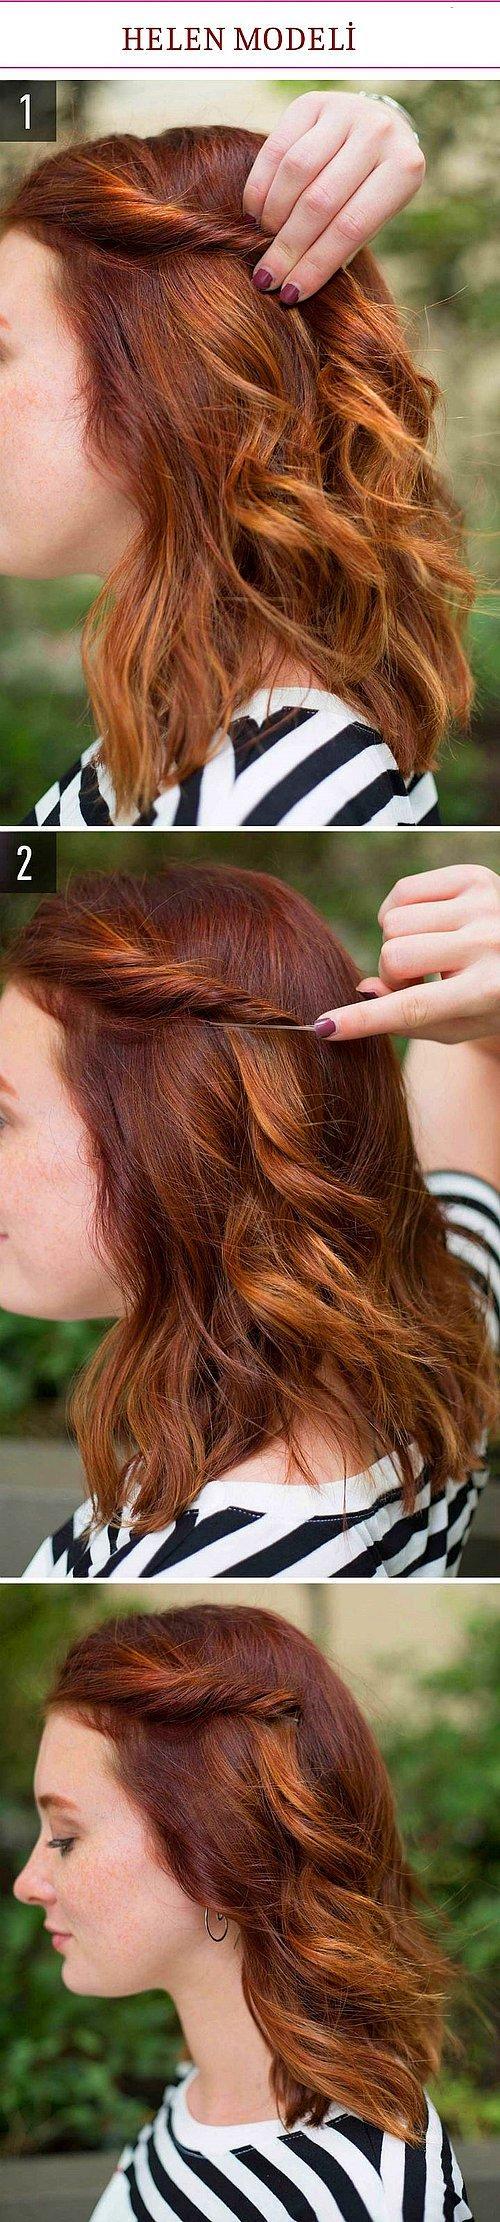 Kabarık Saçlara Sahip Olmanın O Kadar Da Kötü Olmadığını Gösteren 23 Model